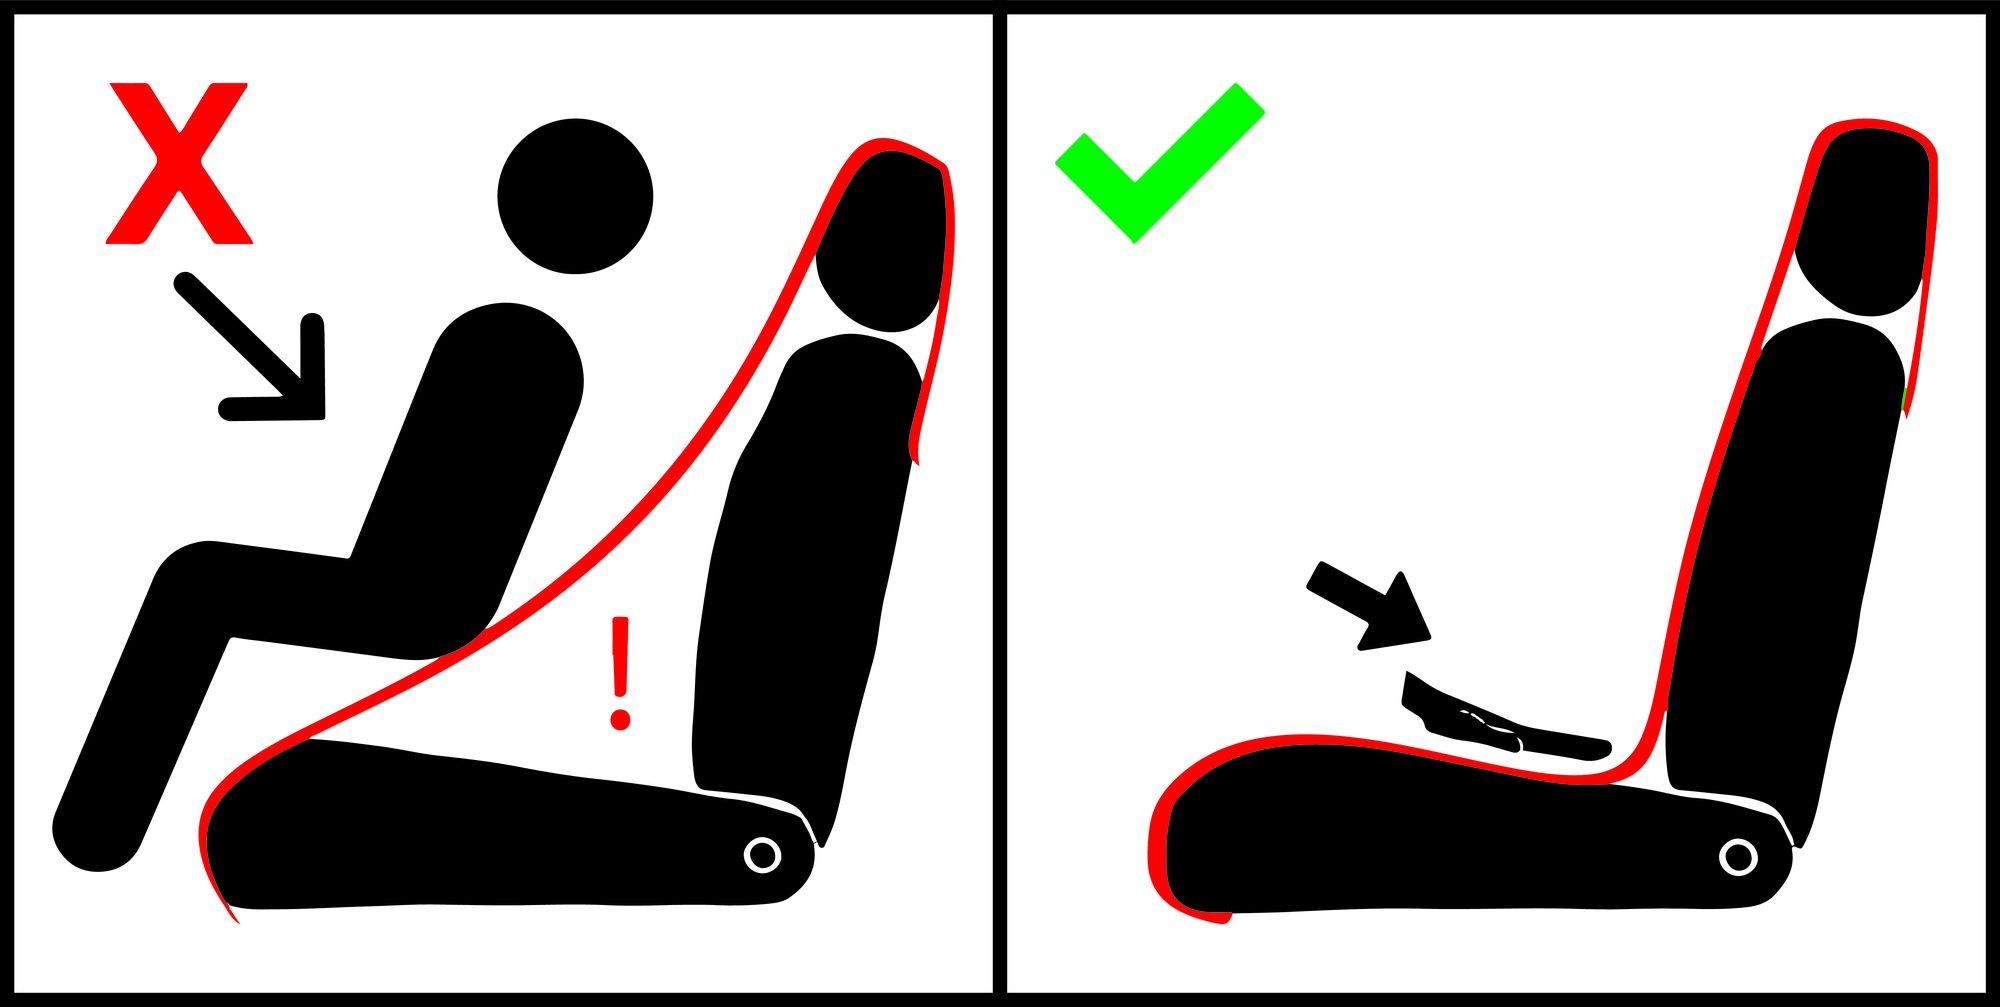 HAZET Sitz- und Lenkradbezug 196-6/2 ∙ Anzahl Werkzeuge: 2